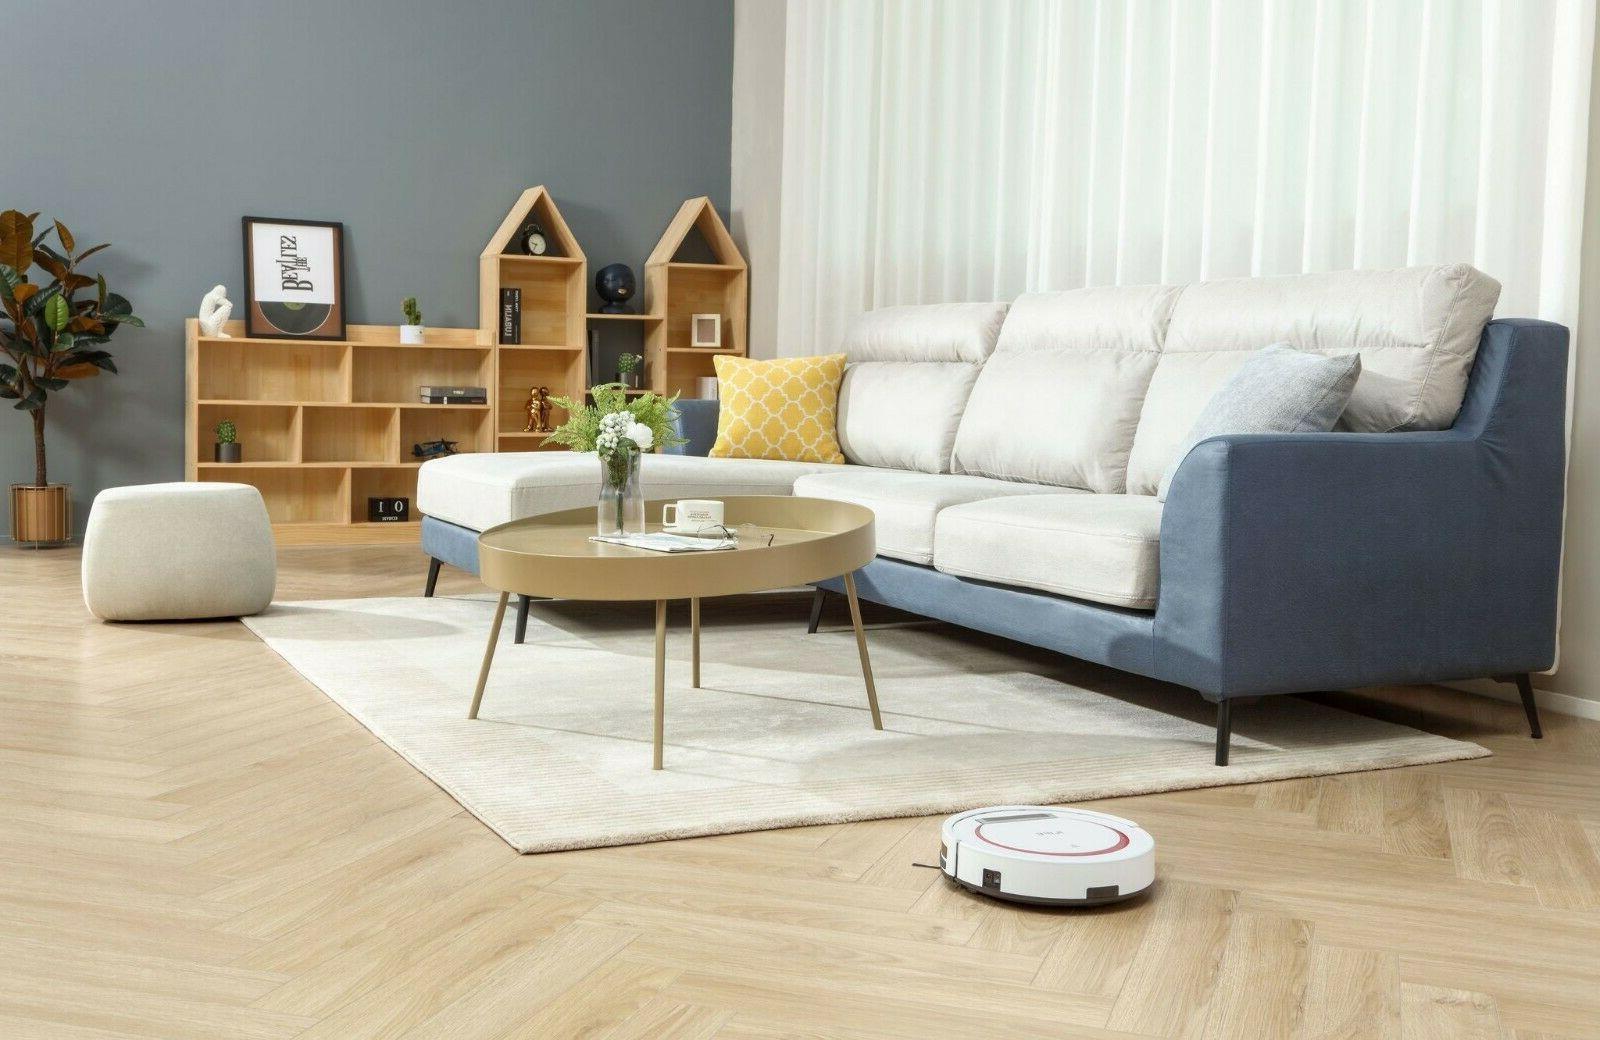 ILIFE V55, Vacuum Cleaner Slim